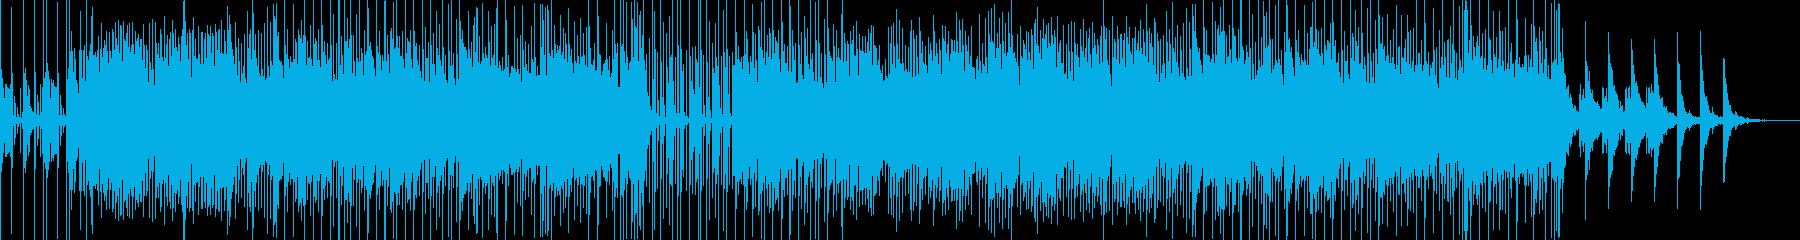 ラテン風味でアンニュイなチルトラップの再生済みの波形